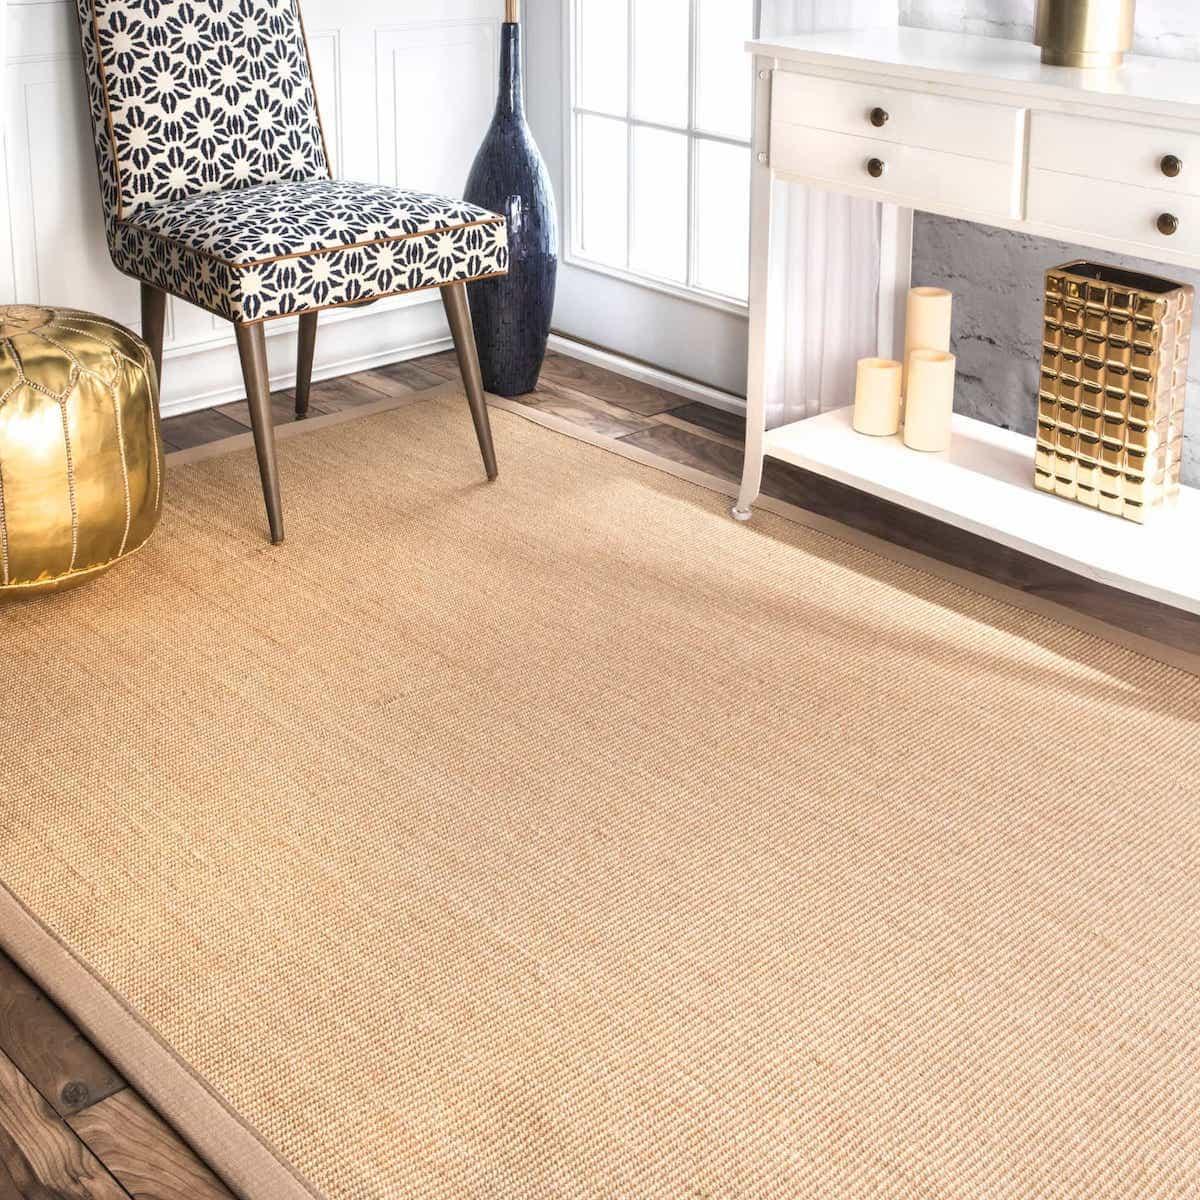 7x9 sisal rug for living room area